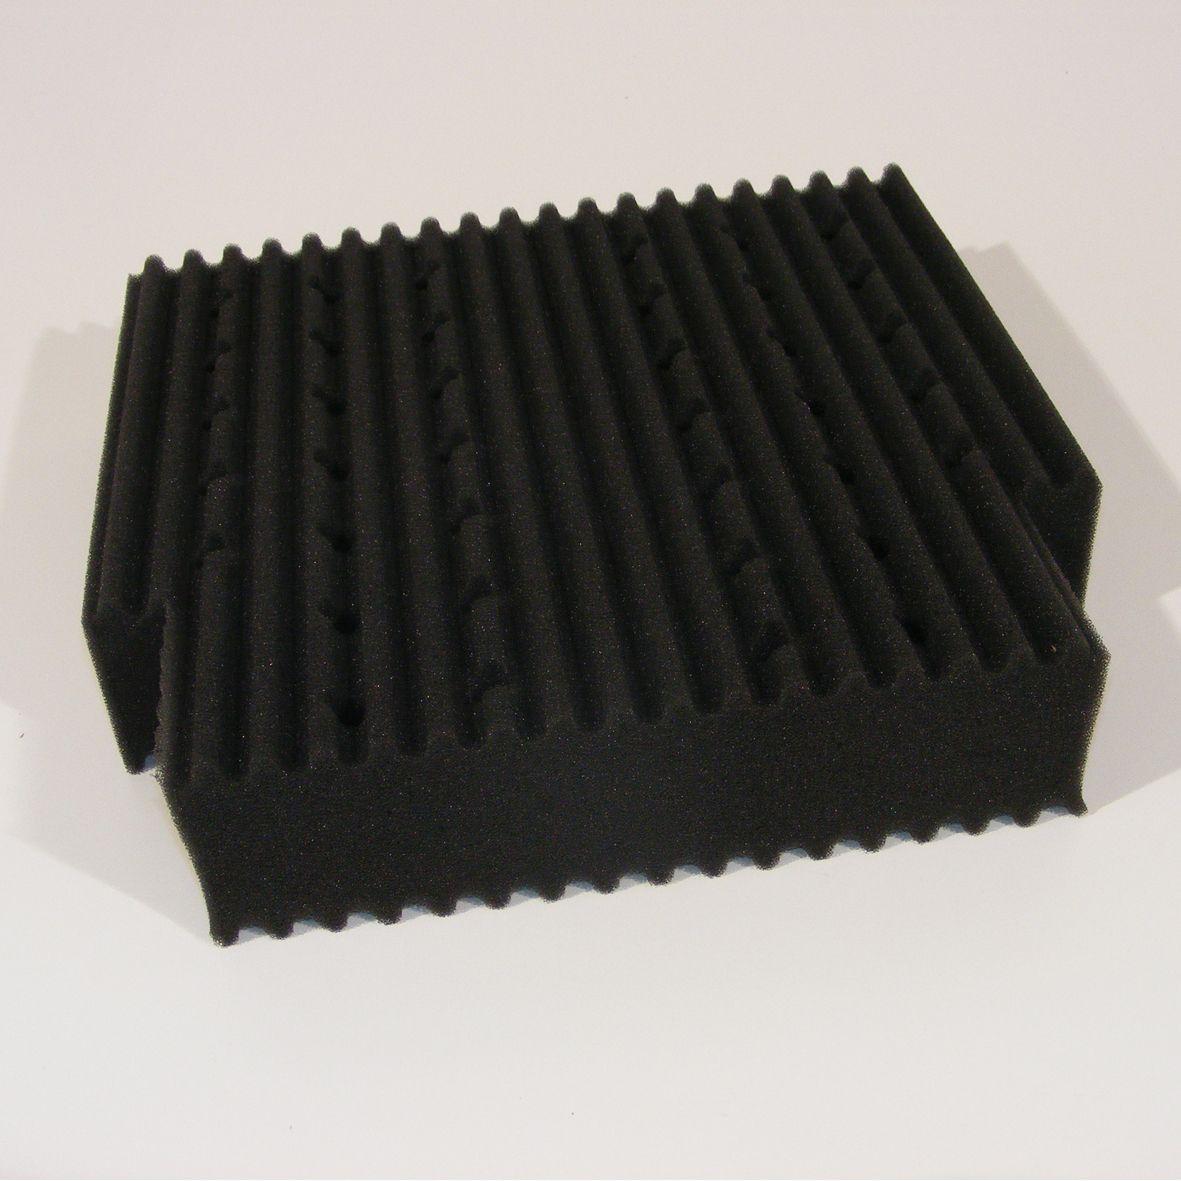 oase ersatzschwamm schwarz breit proficlear m5 teichundgarten24. Black Bedroom Furniture Sets. Home Design Ideas